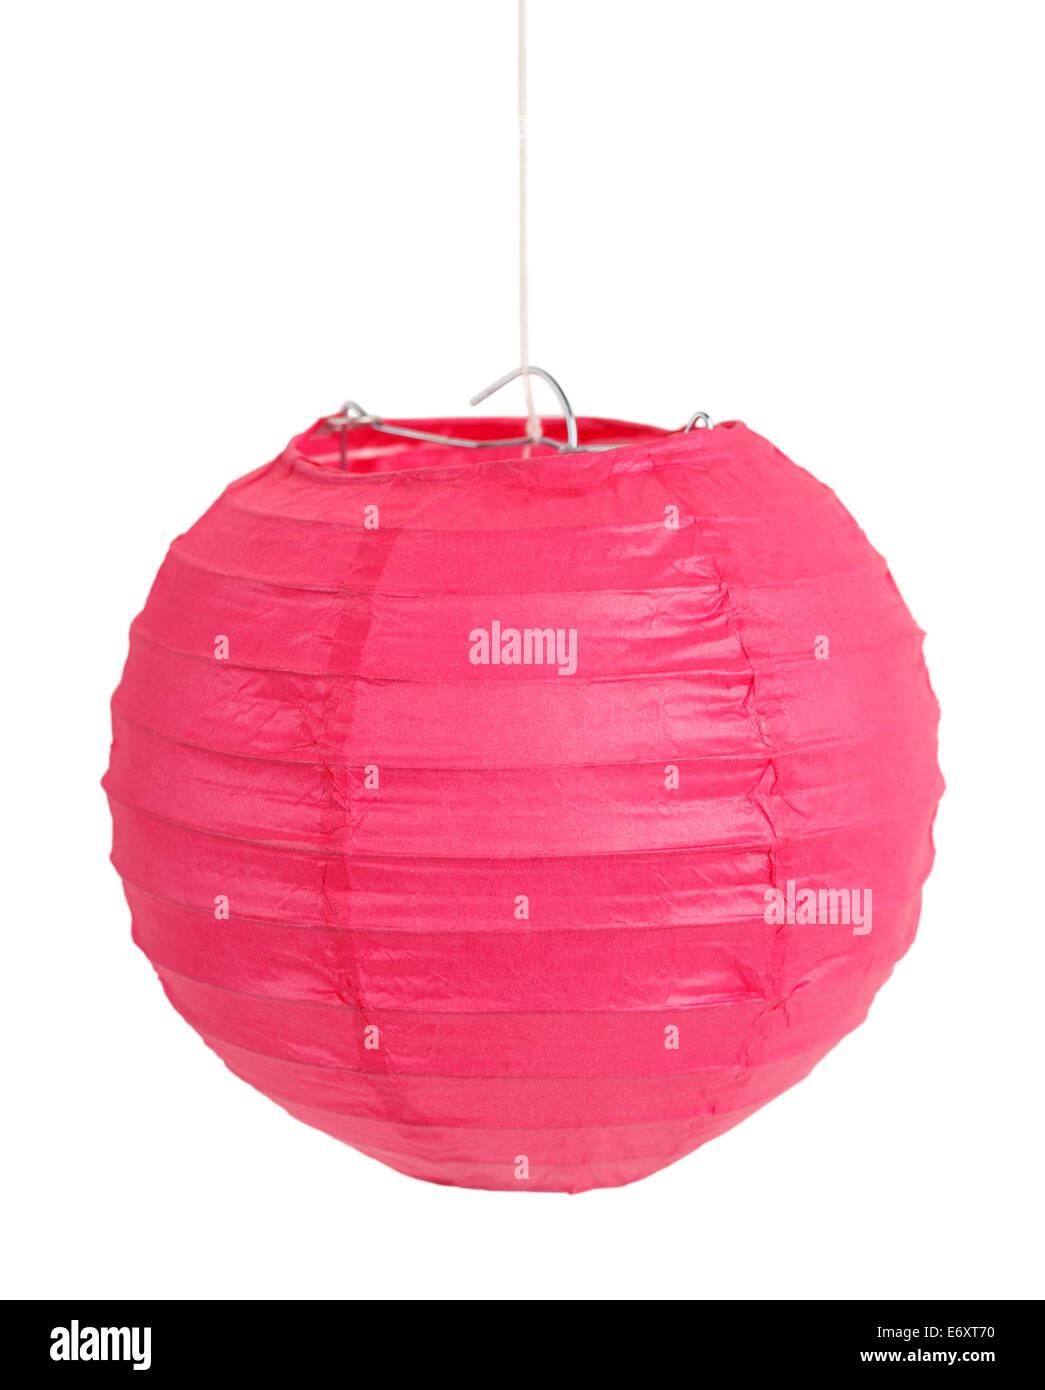 Pink Chinese Lantern Isolated on White Background. - Stock Image